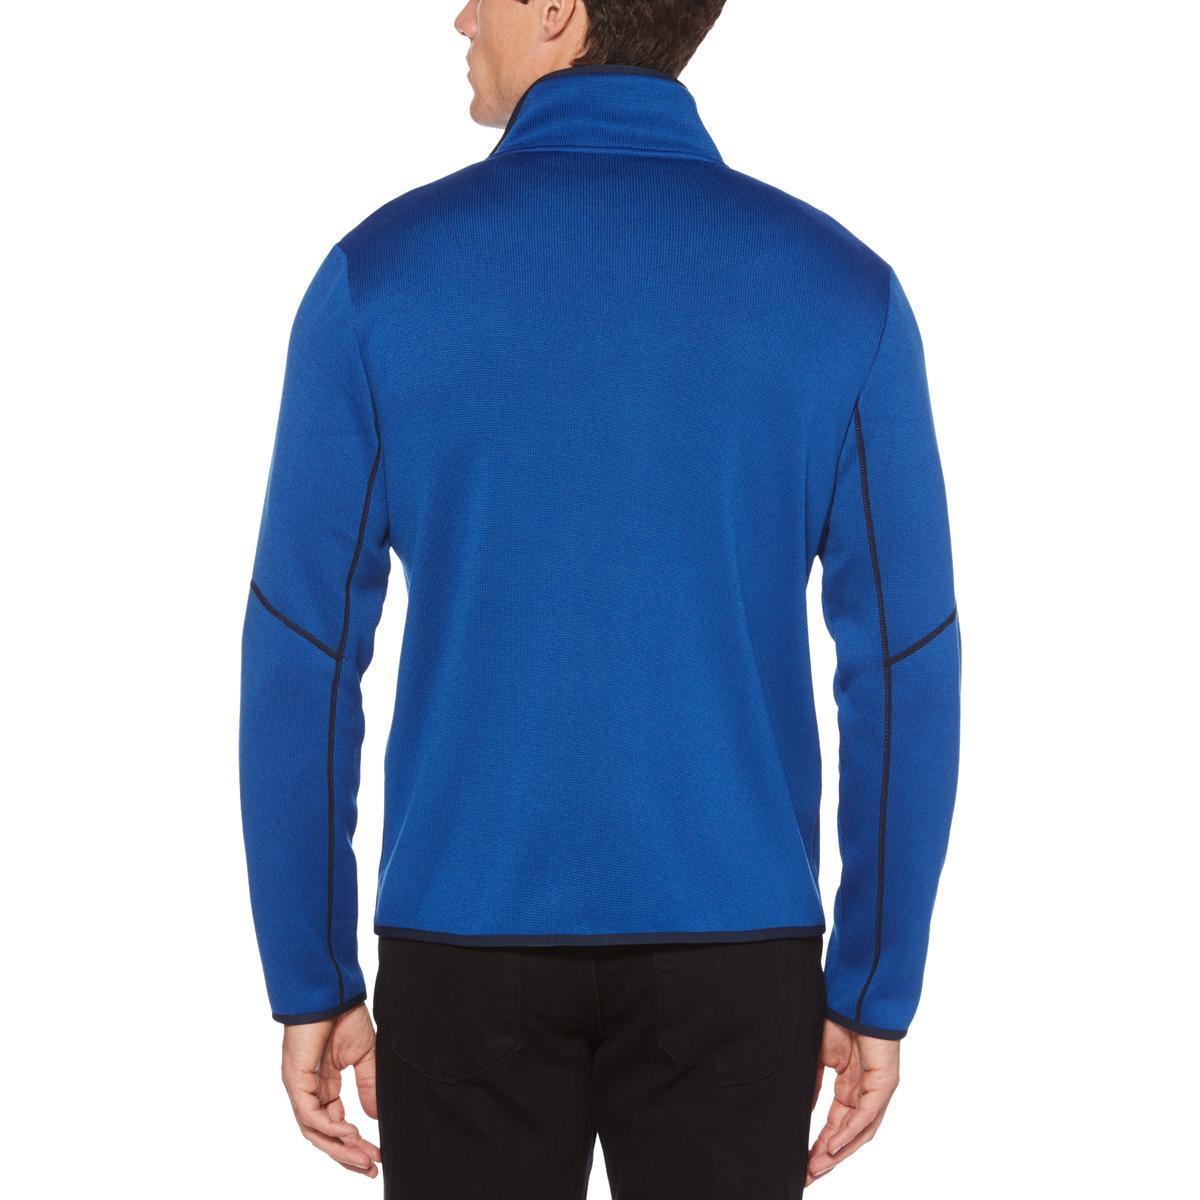 41d9ae4de0 Perry Ellis Mens Fleece Warm Knit Full Zip Sweater BHFO 9653